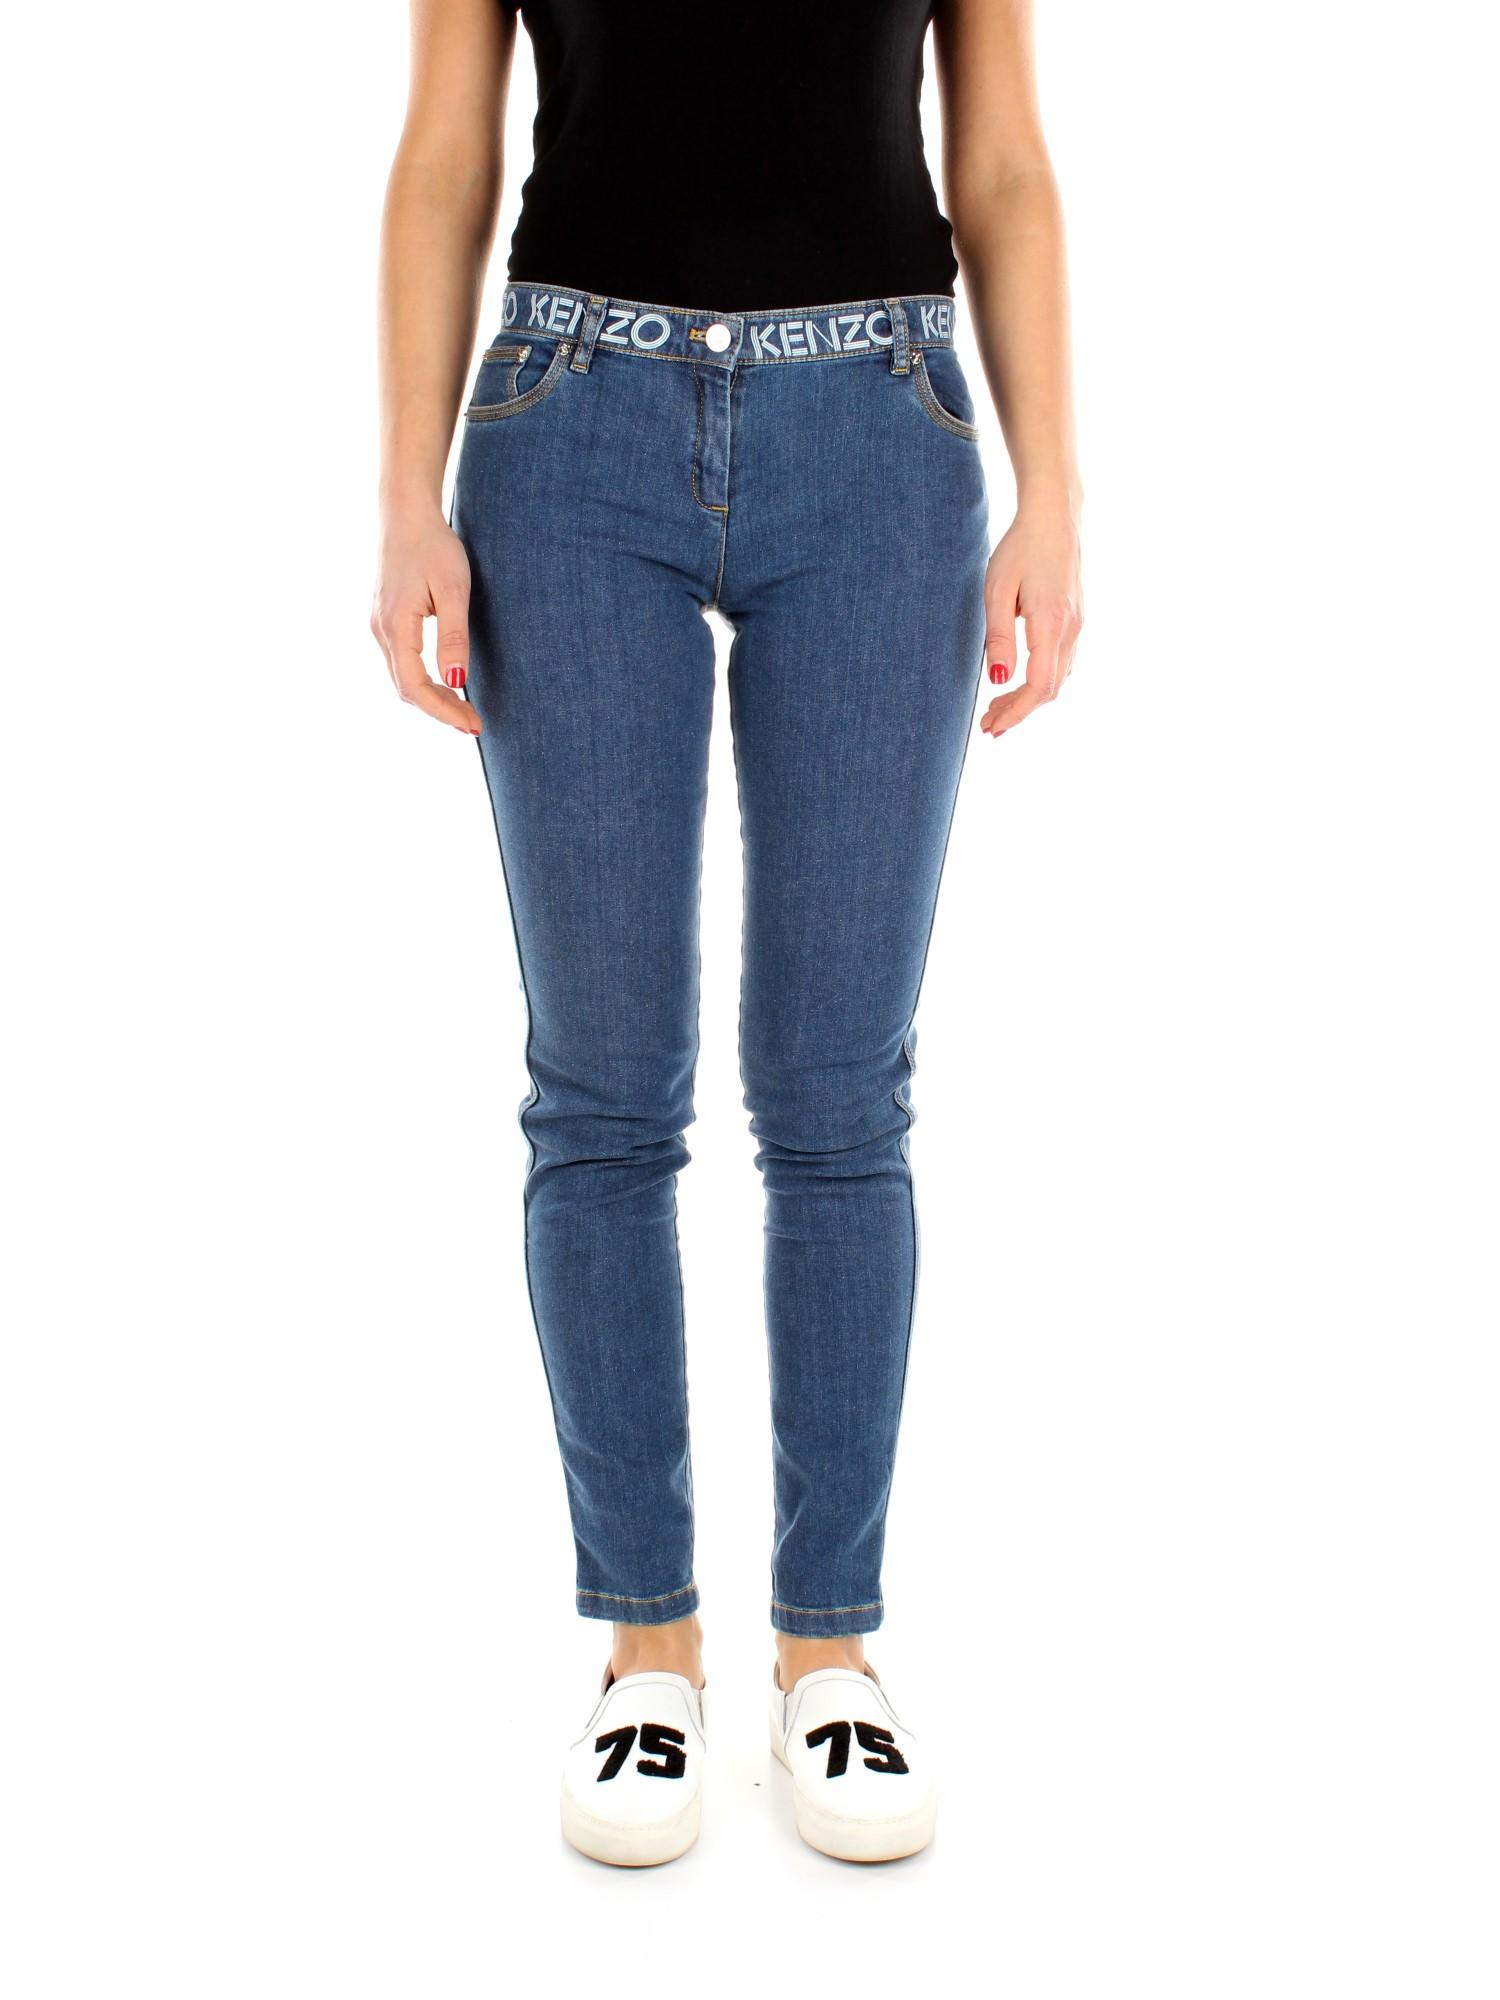 Jeans Kenzo skinny Damen - Baumwolle (6EF2PA250K02)